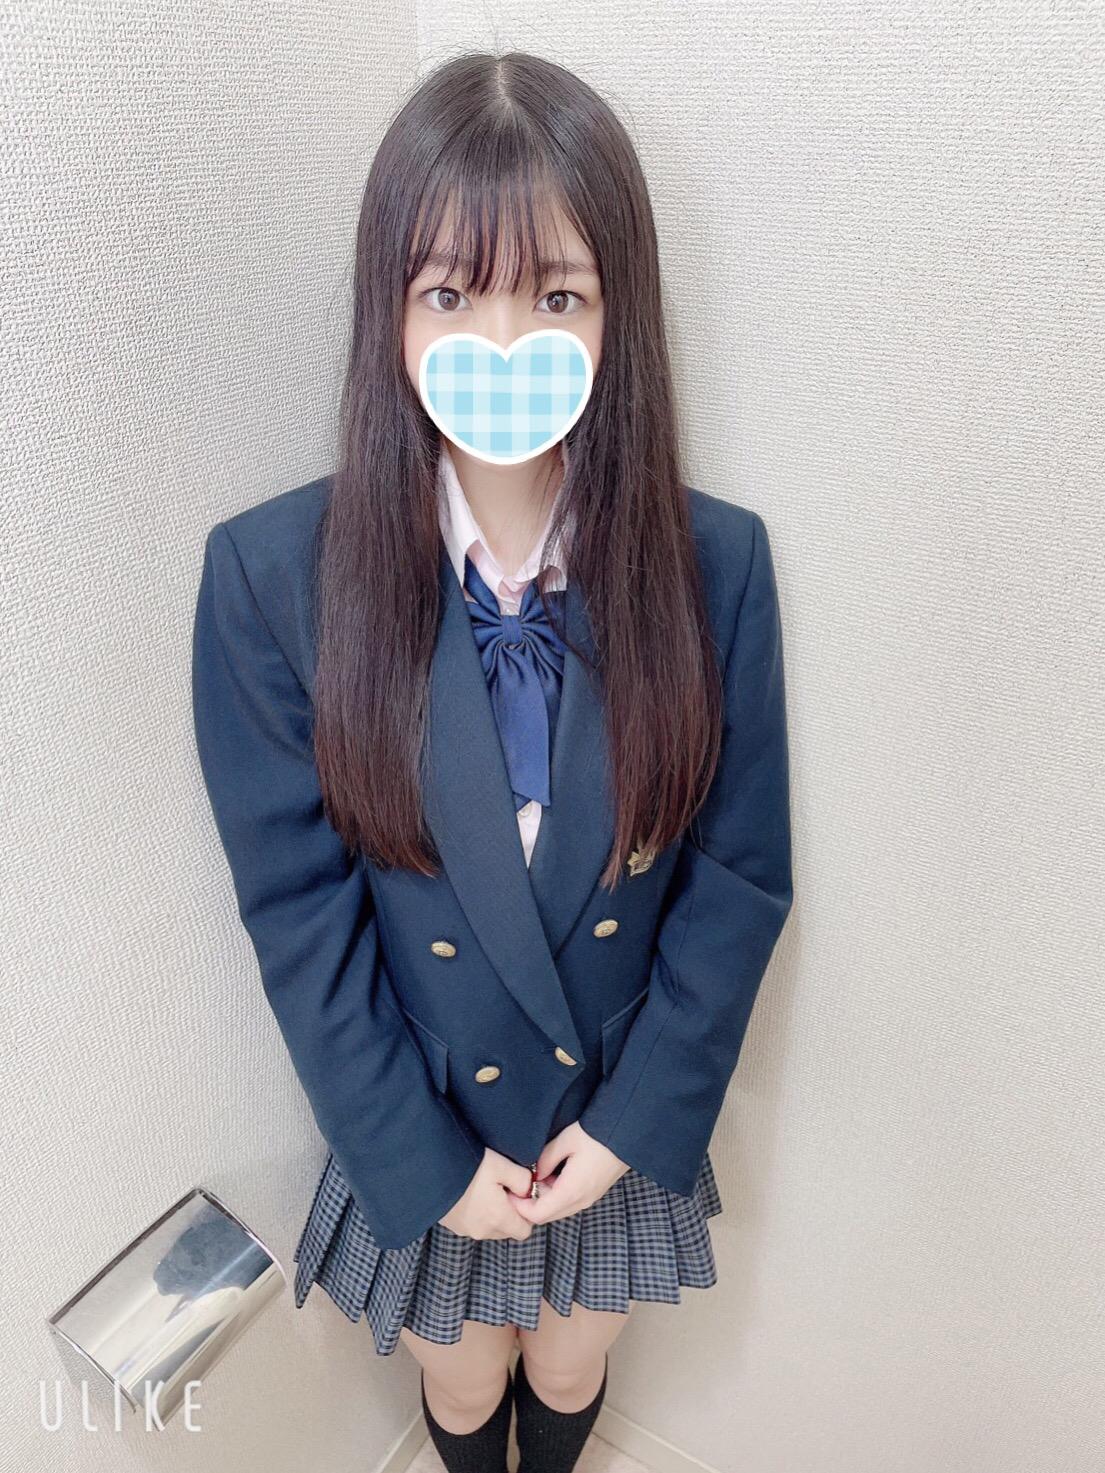 8/7体験新人「たまご姫」ちゃん 画像